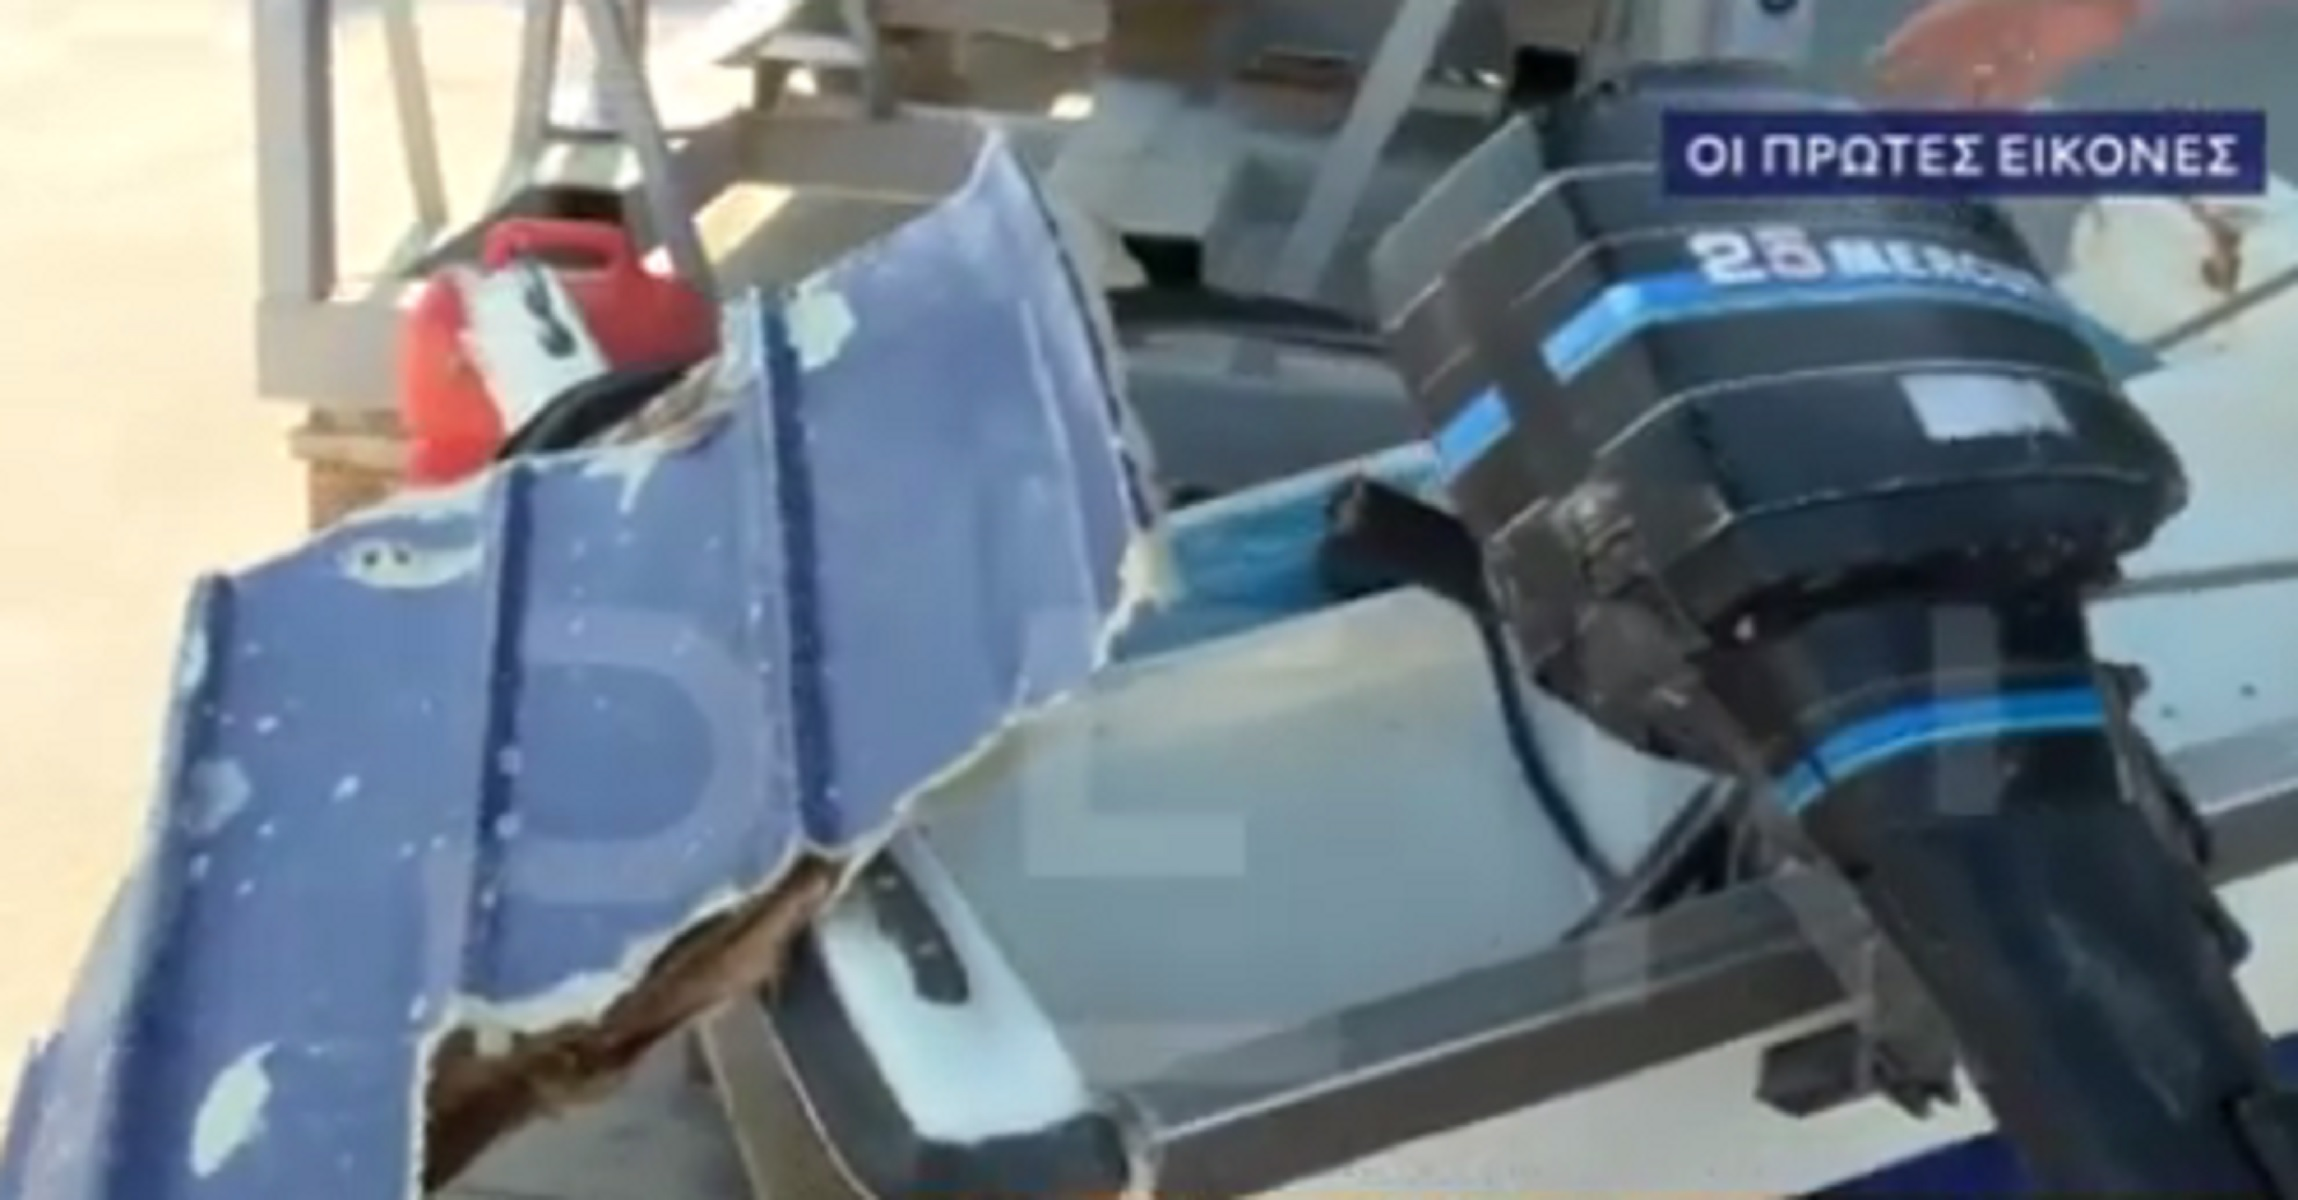 Πόρτο Χέλι: Αυτές είναι οι πρώτες εικόνες από την τσακισμένη βάρκα!Η αιματοληψία θα ρίξει φως στην υπόθεση!